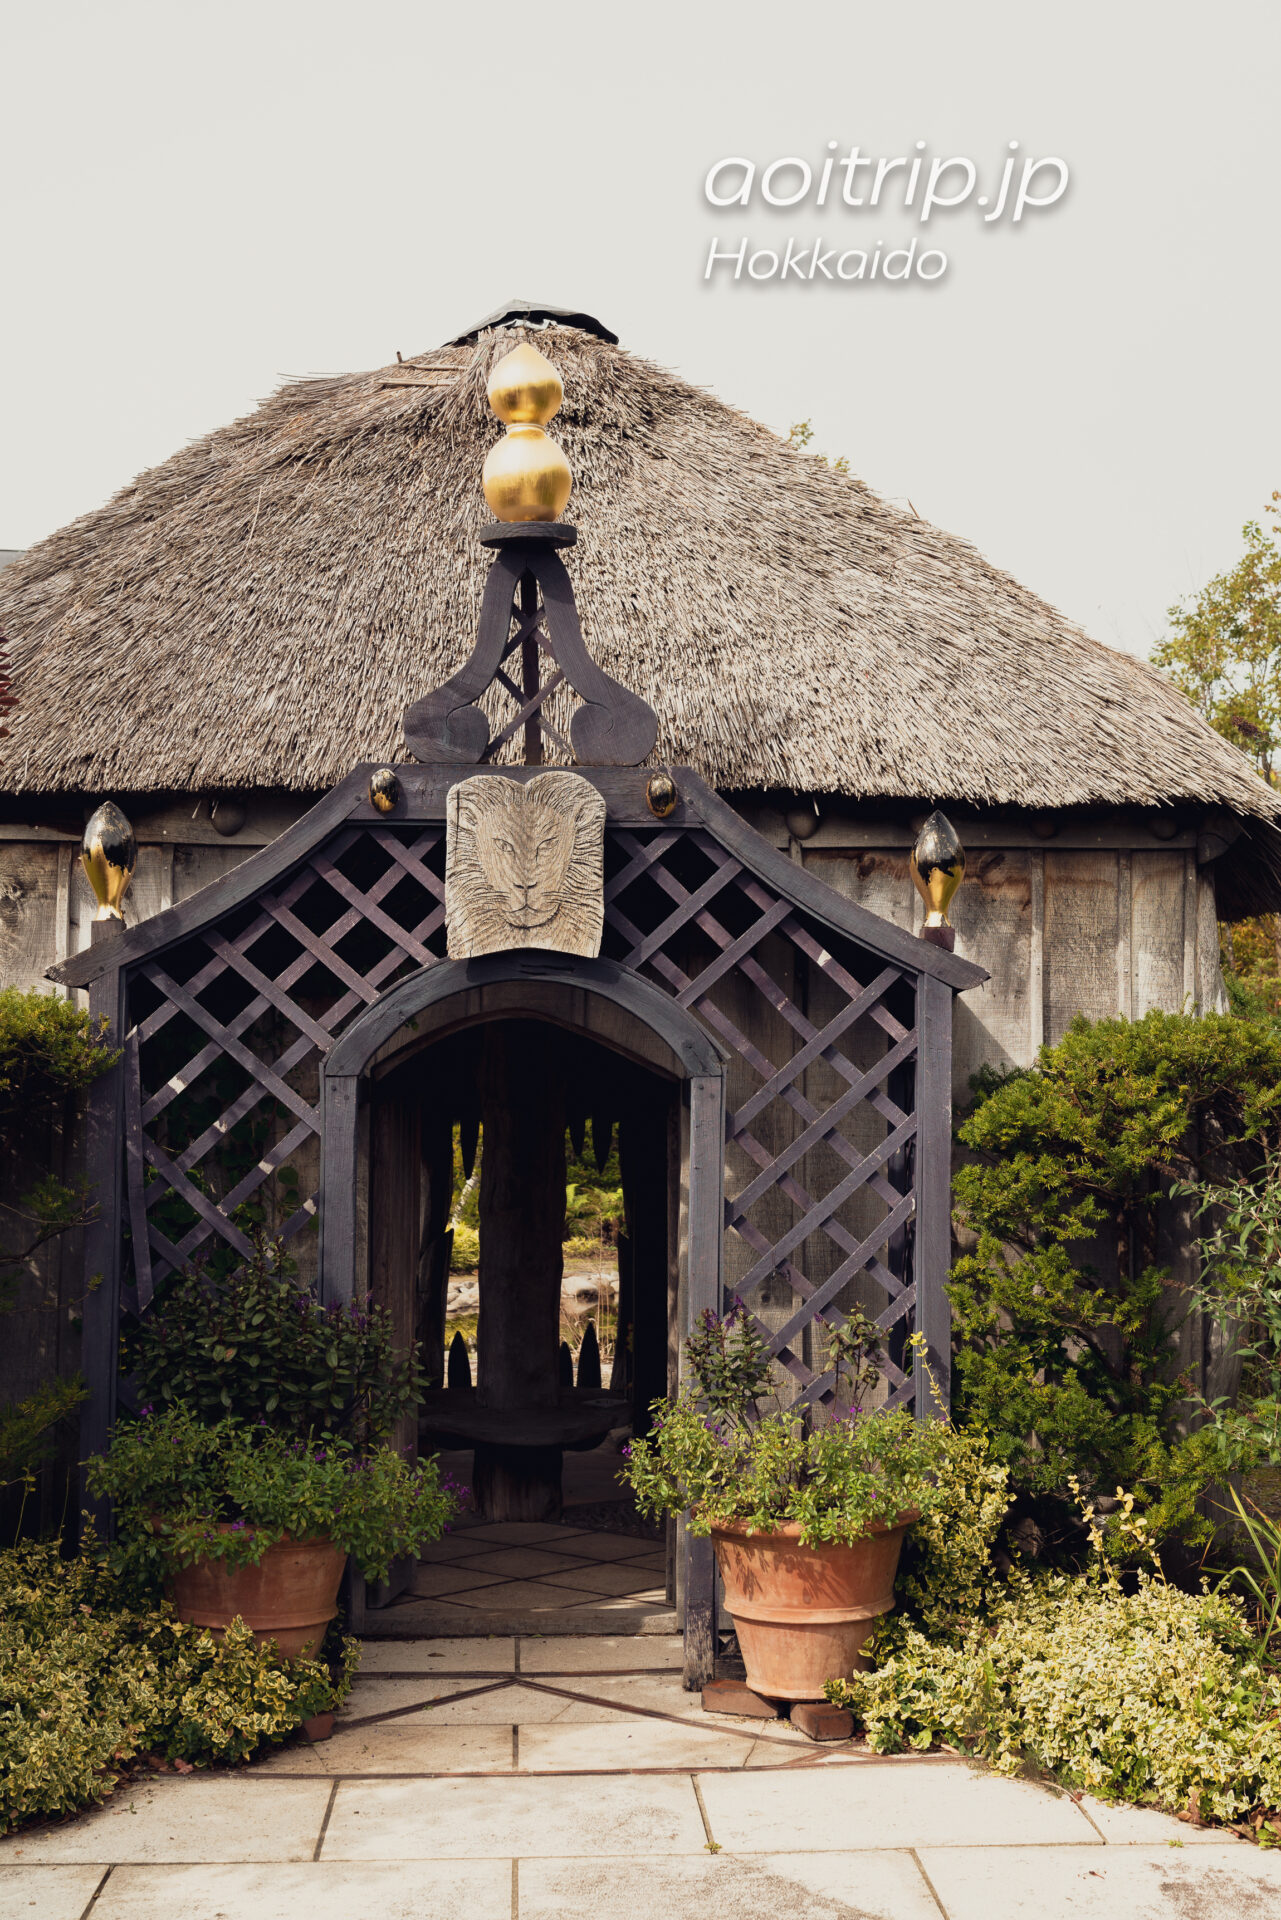 えこりん村 Ecorin Village 銀河庭園のタイガーガーデン